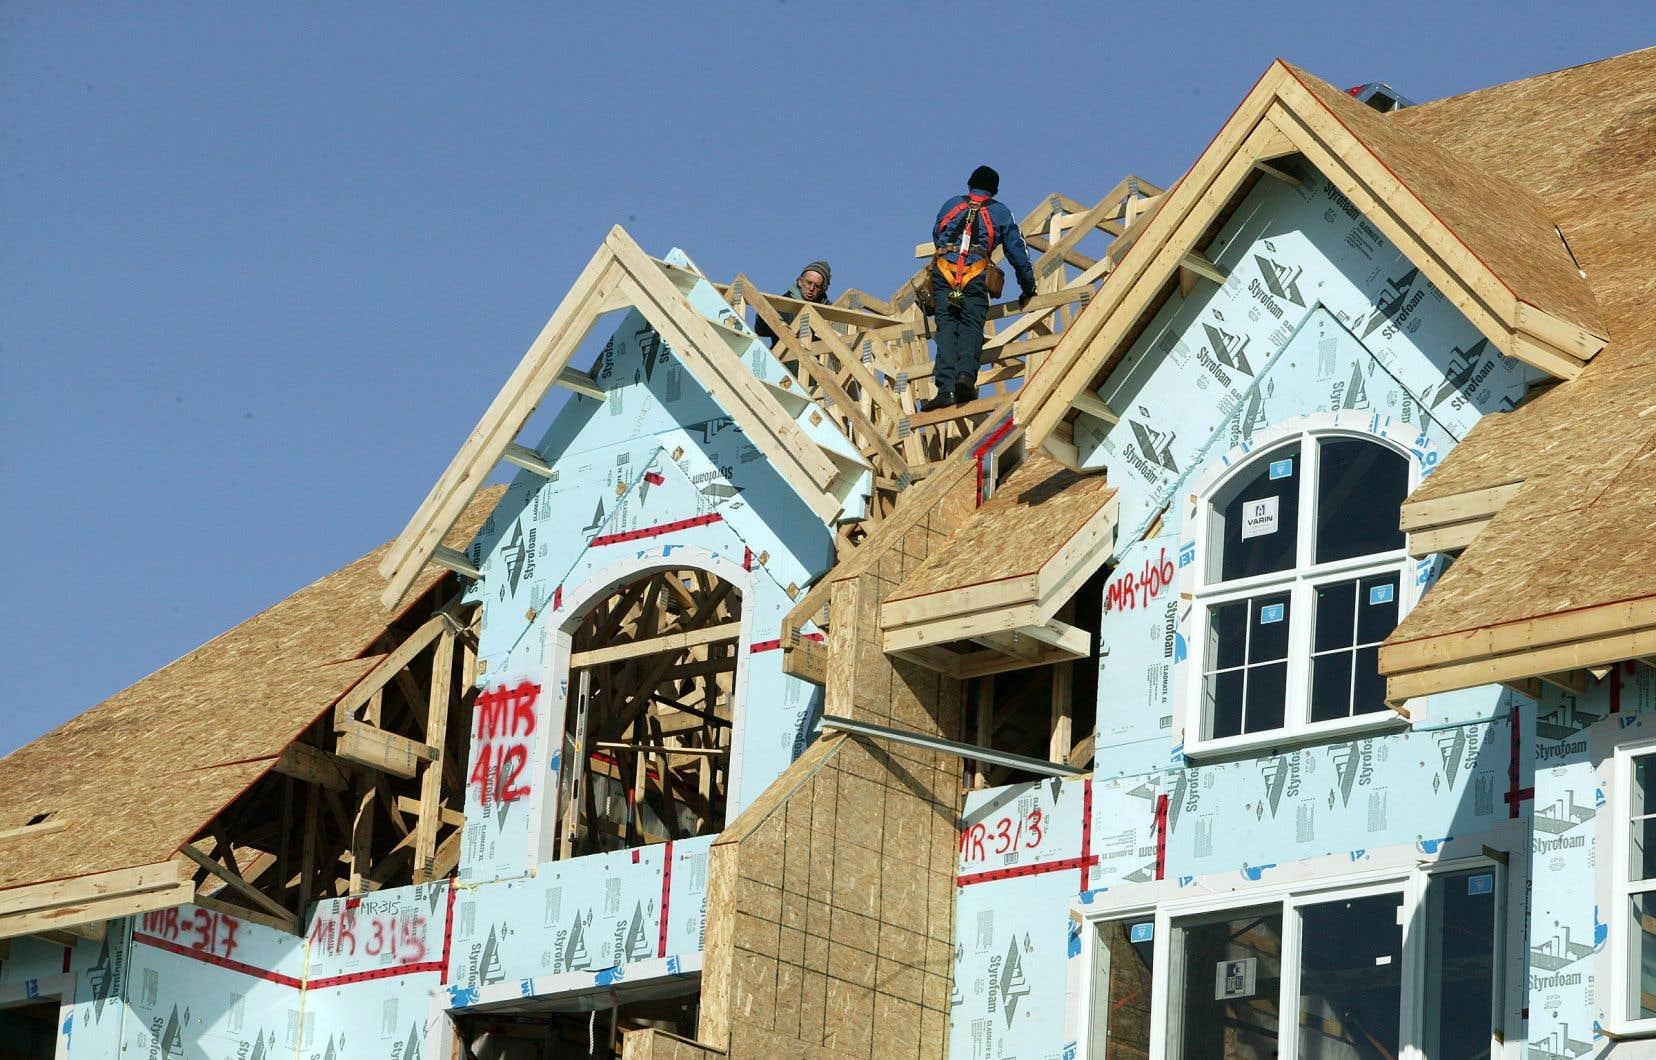 Les mises en chantier devraient subir une baisse de 50% à 75% cette année, selon la SCHL.